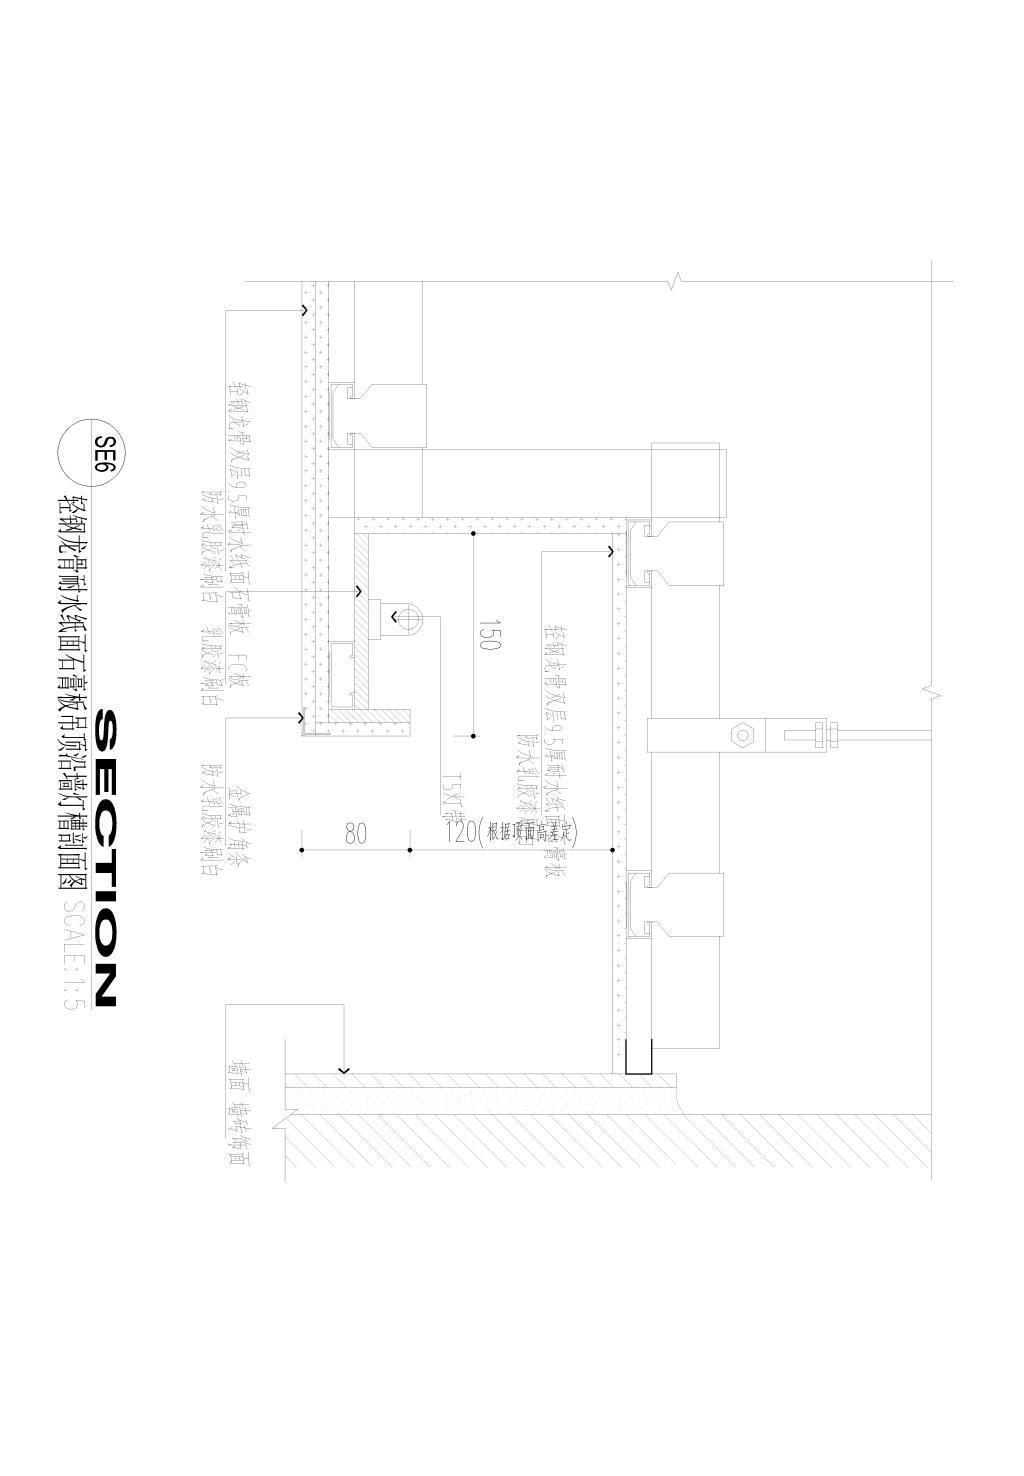 施工图 立面图 装修设计 室内设计 天花板 顶灯槽 石膏板 节点 石膏线